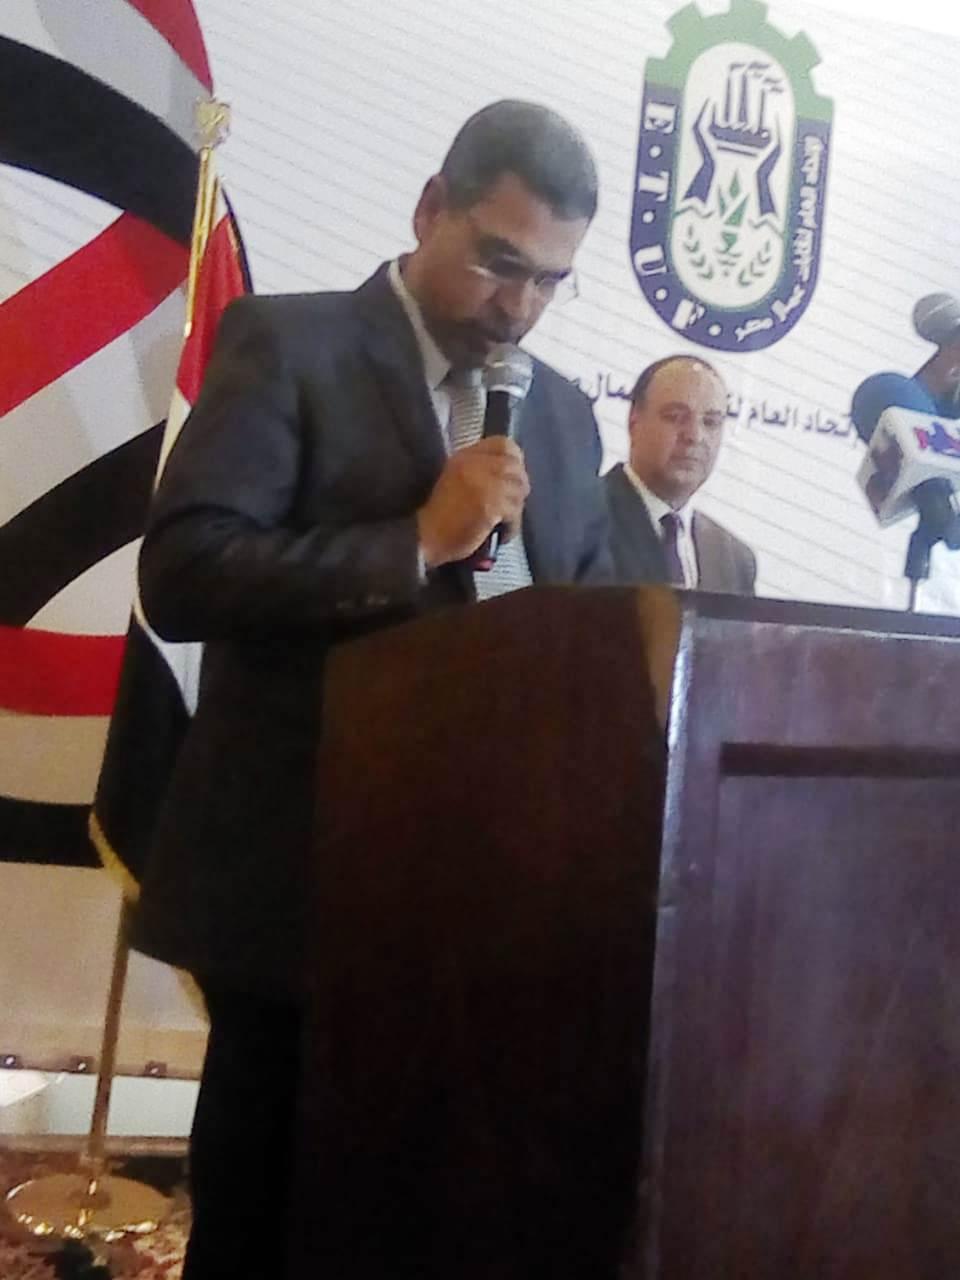 مؤتمر جماهيري الاستقرار من أجل الاستثمار بالعاشر لتأييد التعديلات الدستورية (1)